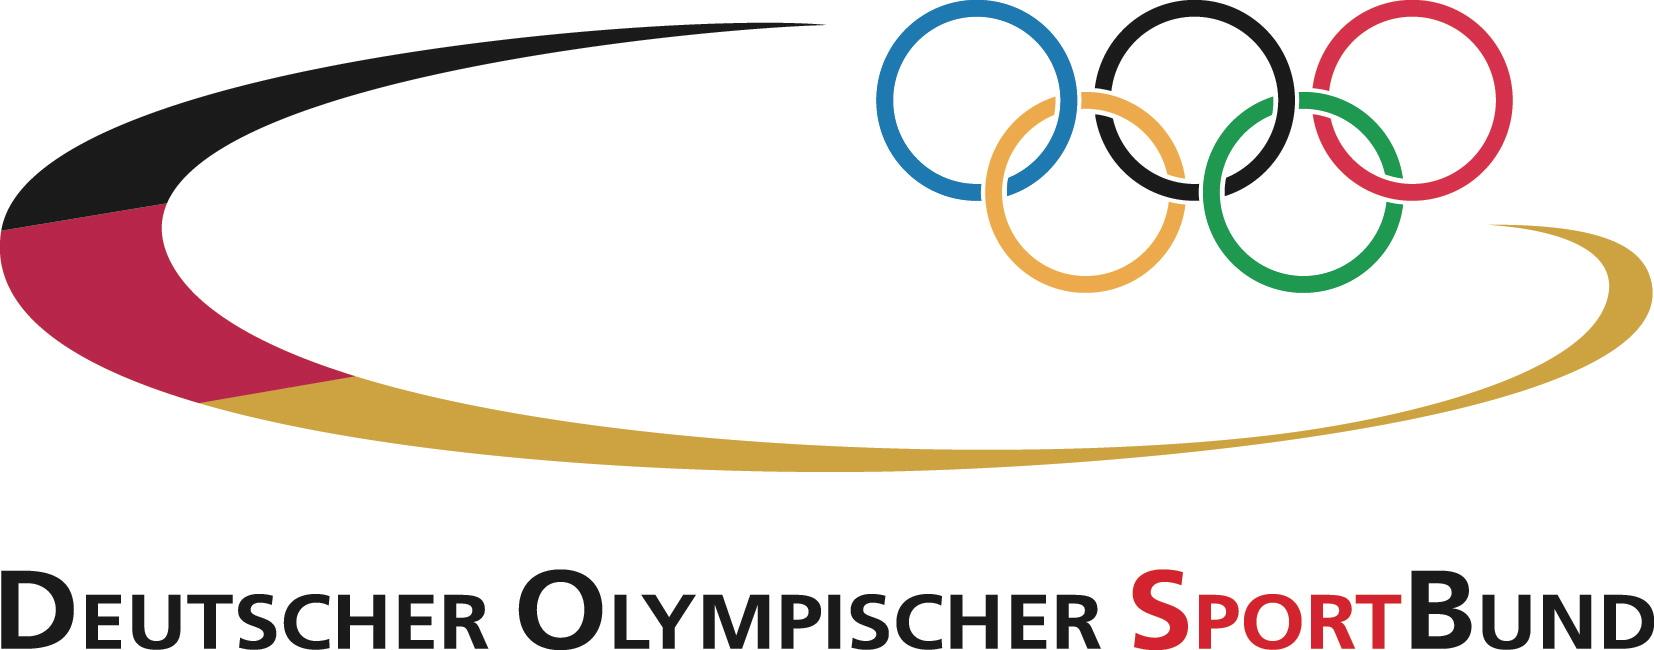 Deutsche-Politik-News.de | Deutscher Olympischer SportBund (DOSB)